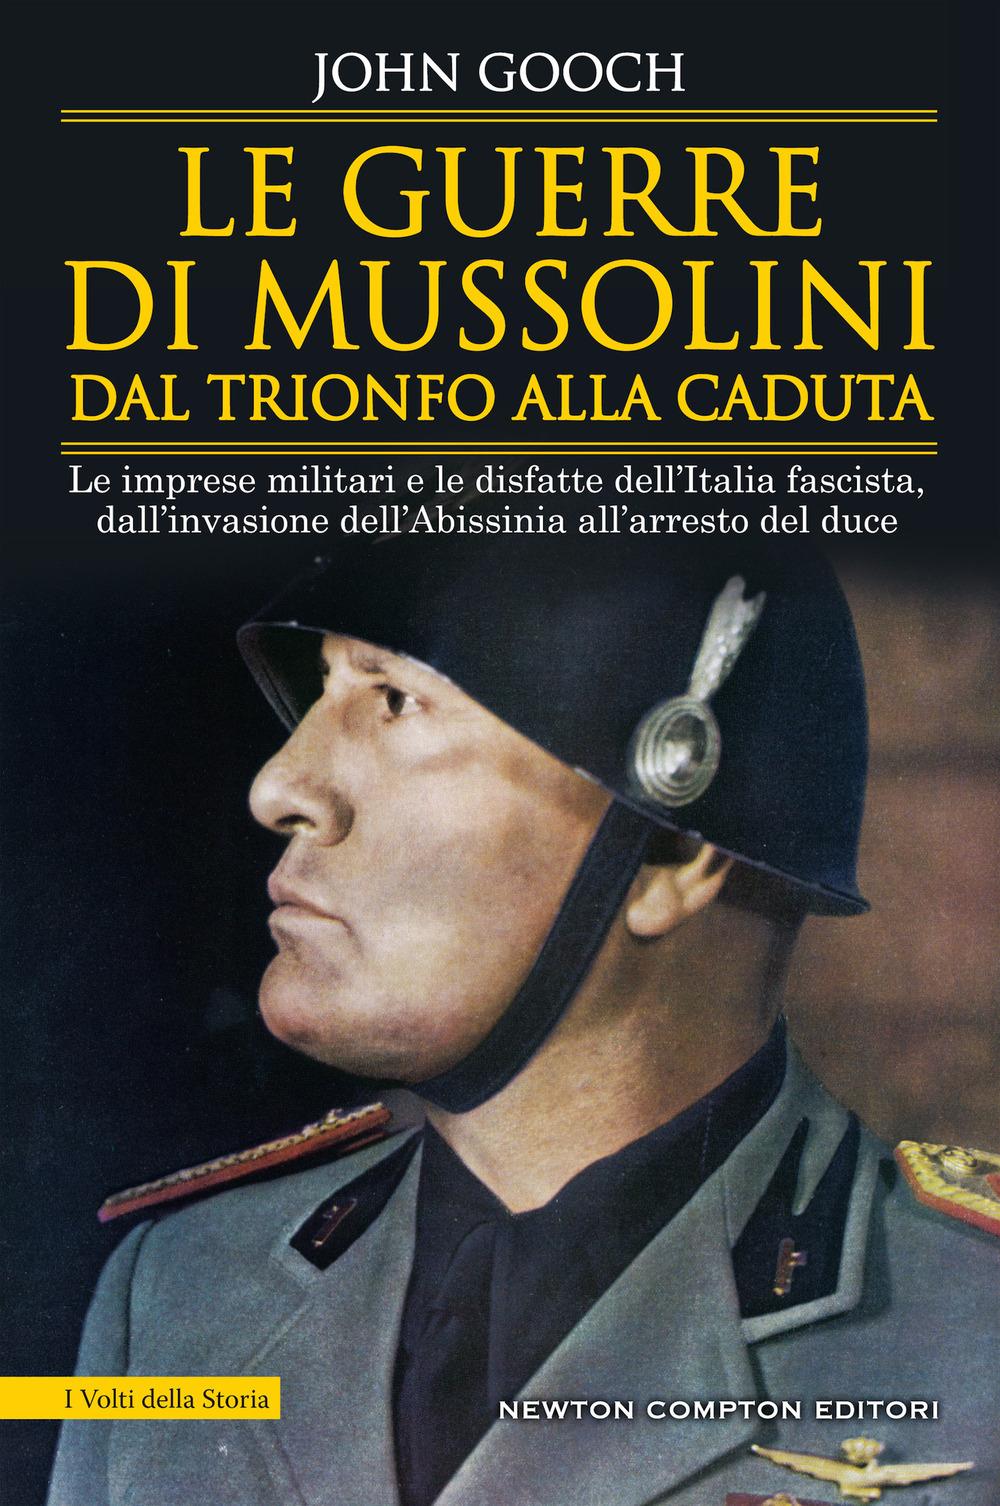 Le guerre di Mussolini dal trionfo alla caduta. Le imprese militari e le disfatte dell'Italia fascista,dall'invasione dell'Abissinia all'arresto del duce